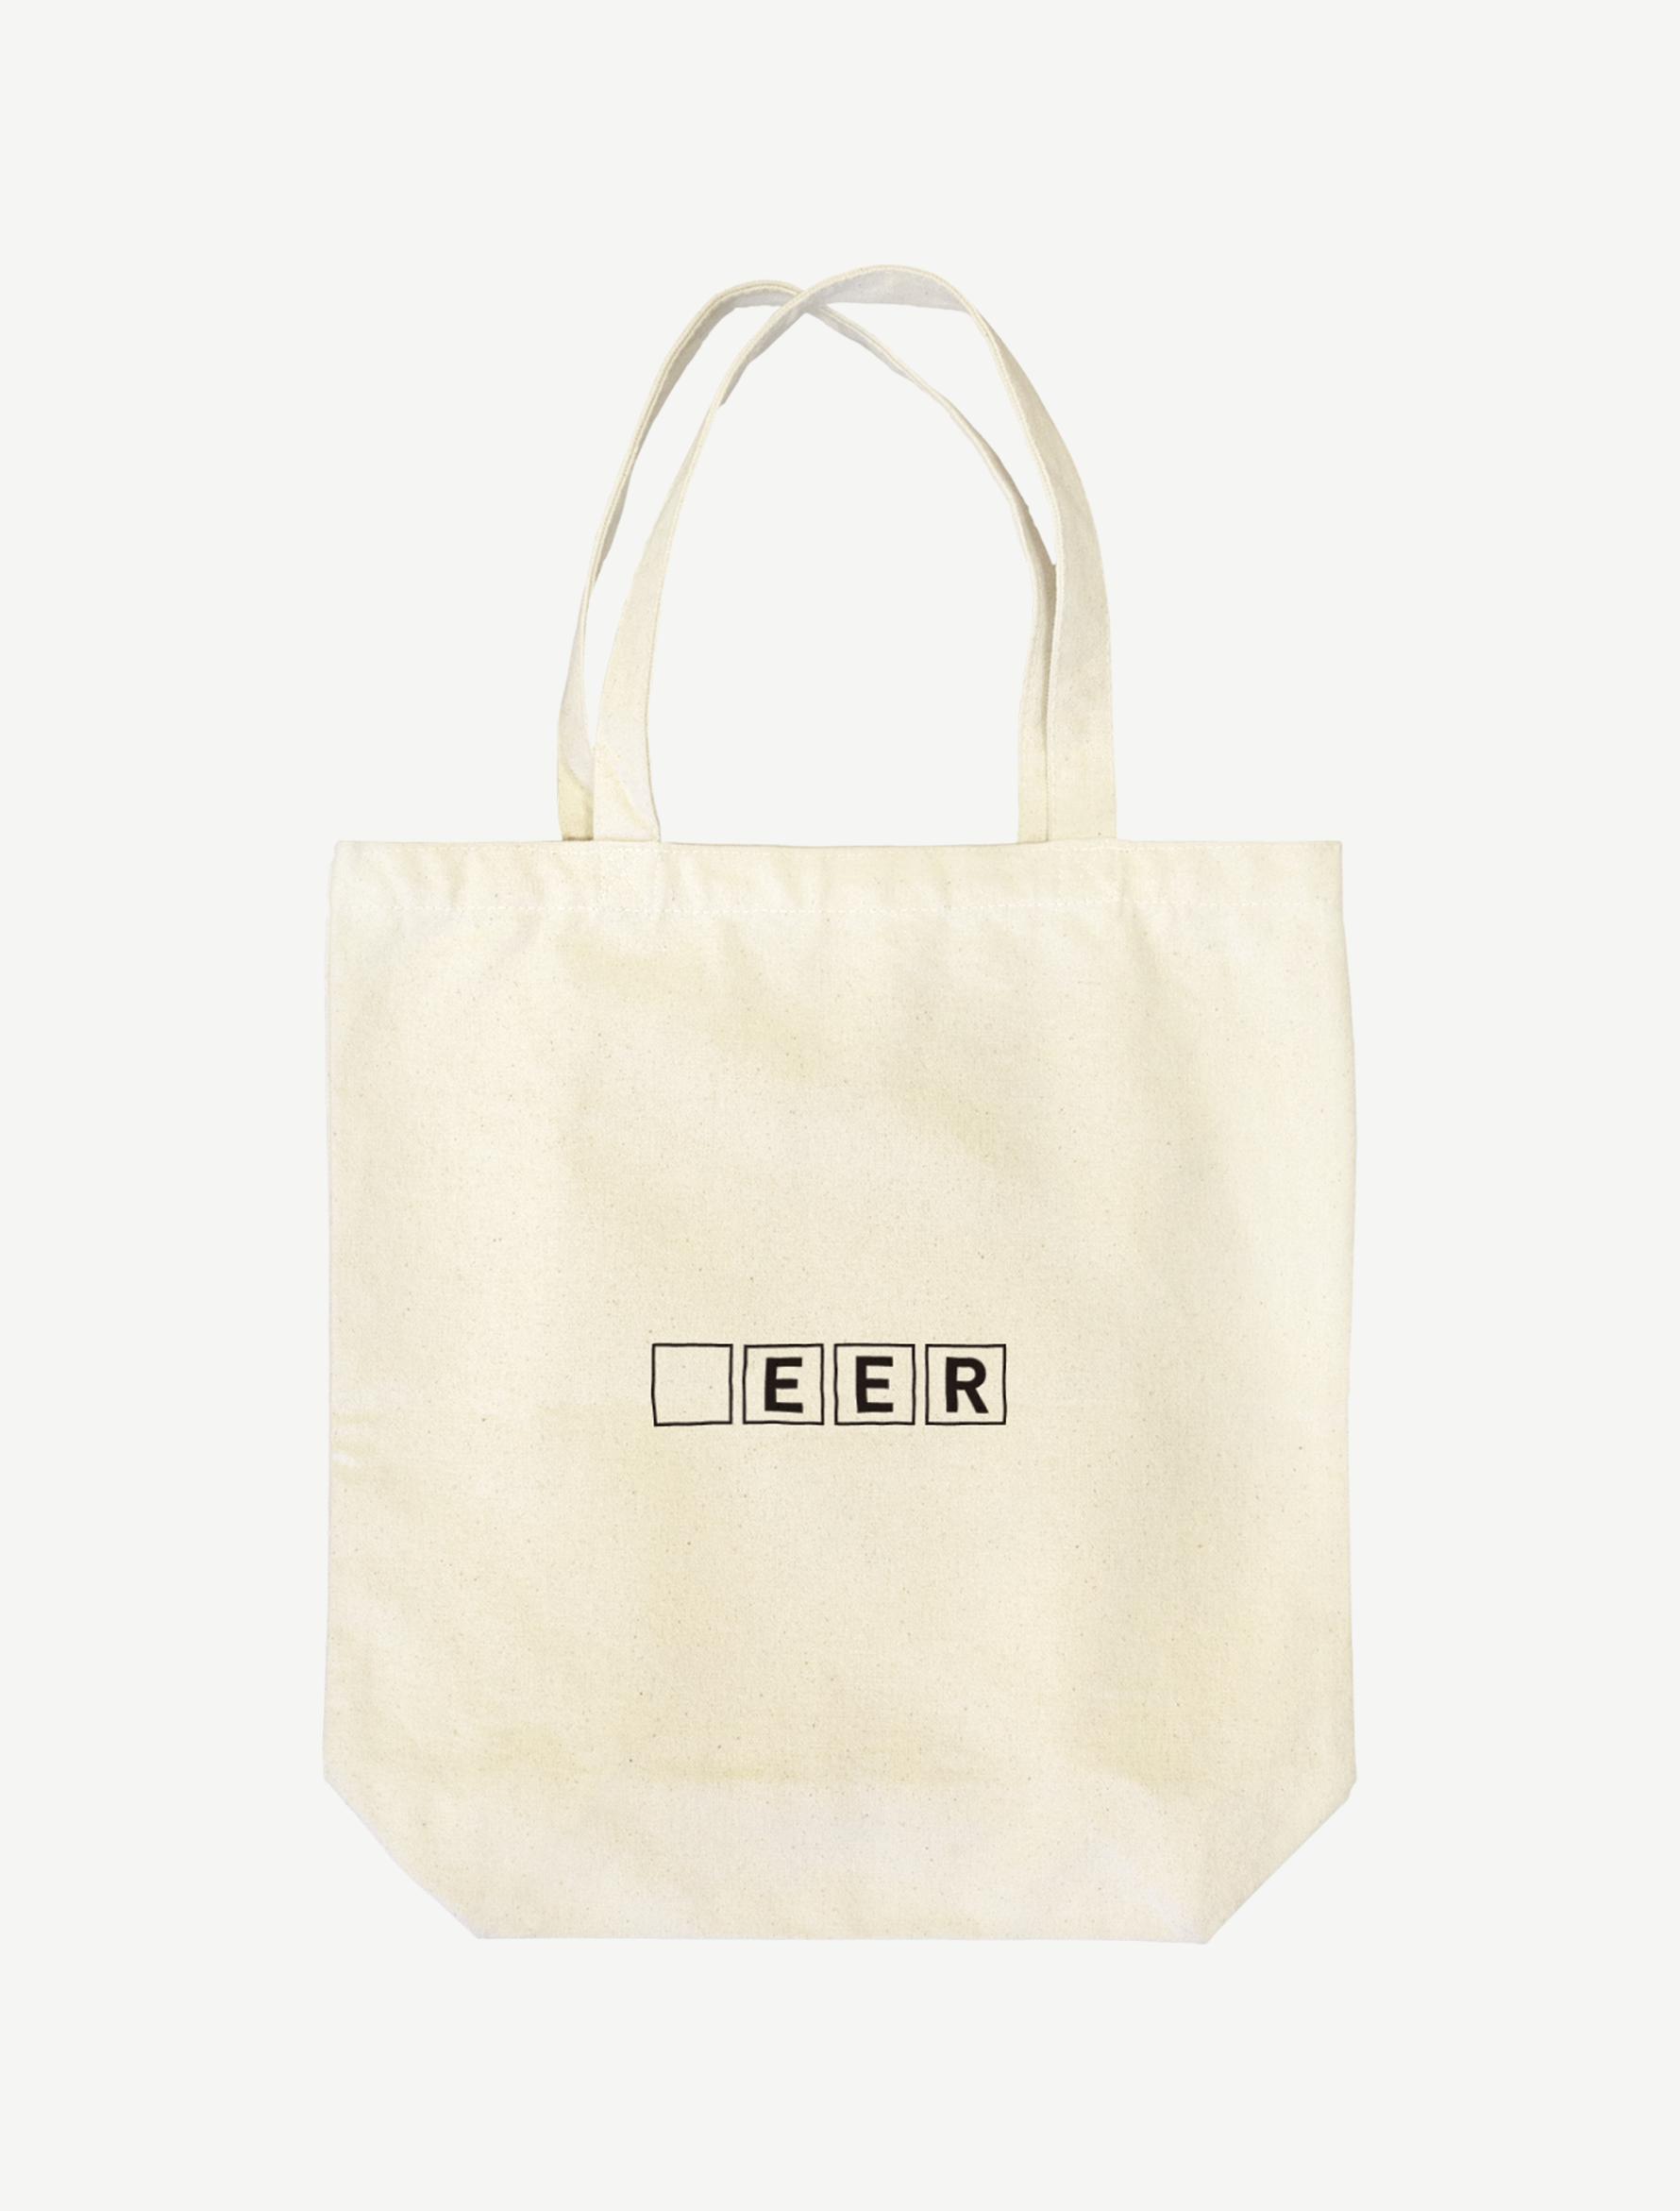 【□EER】トートバッグ(ナチュラル)